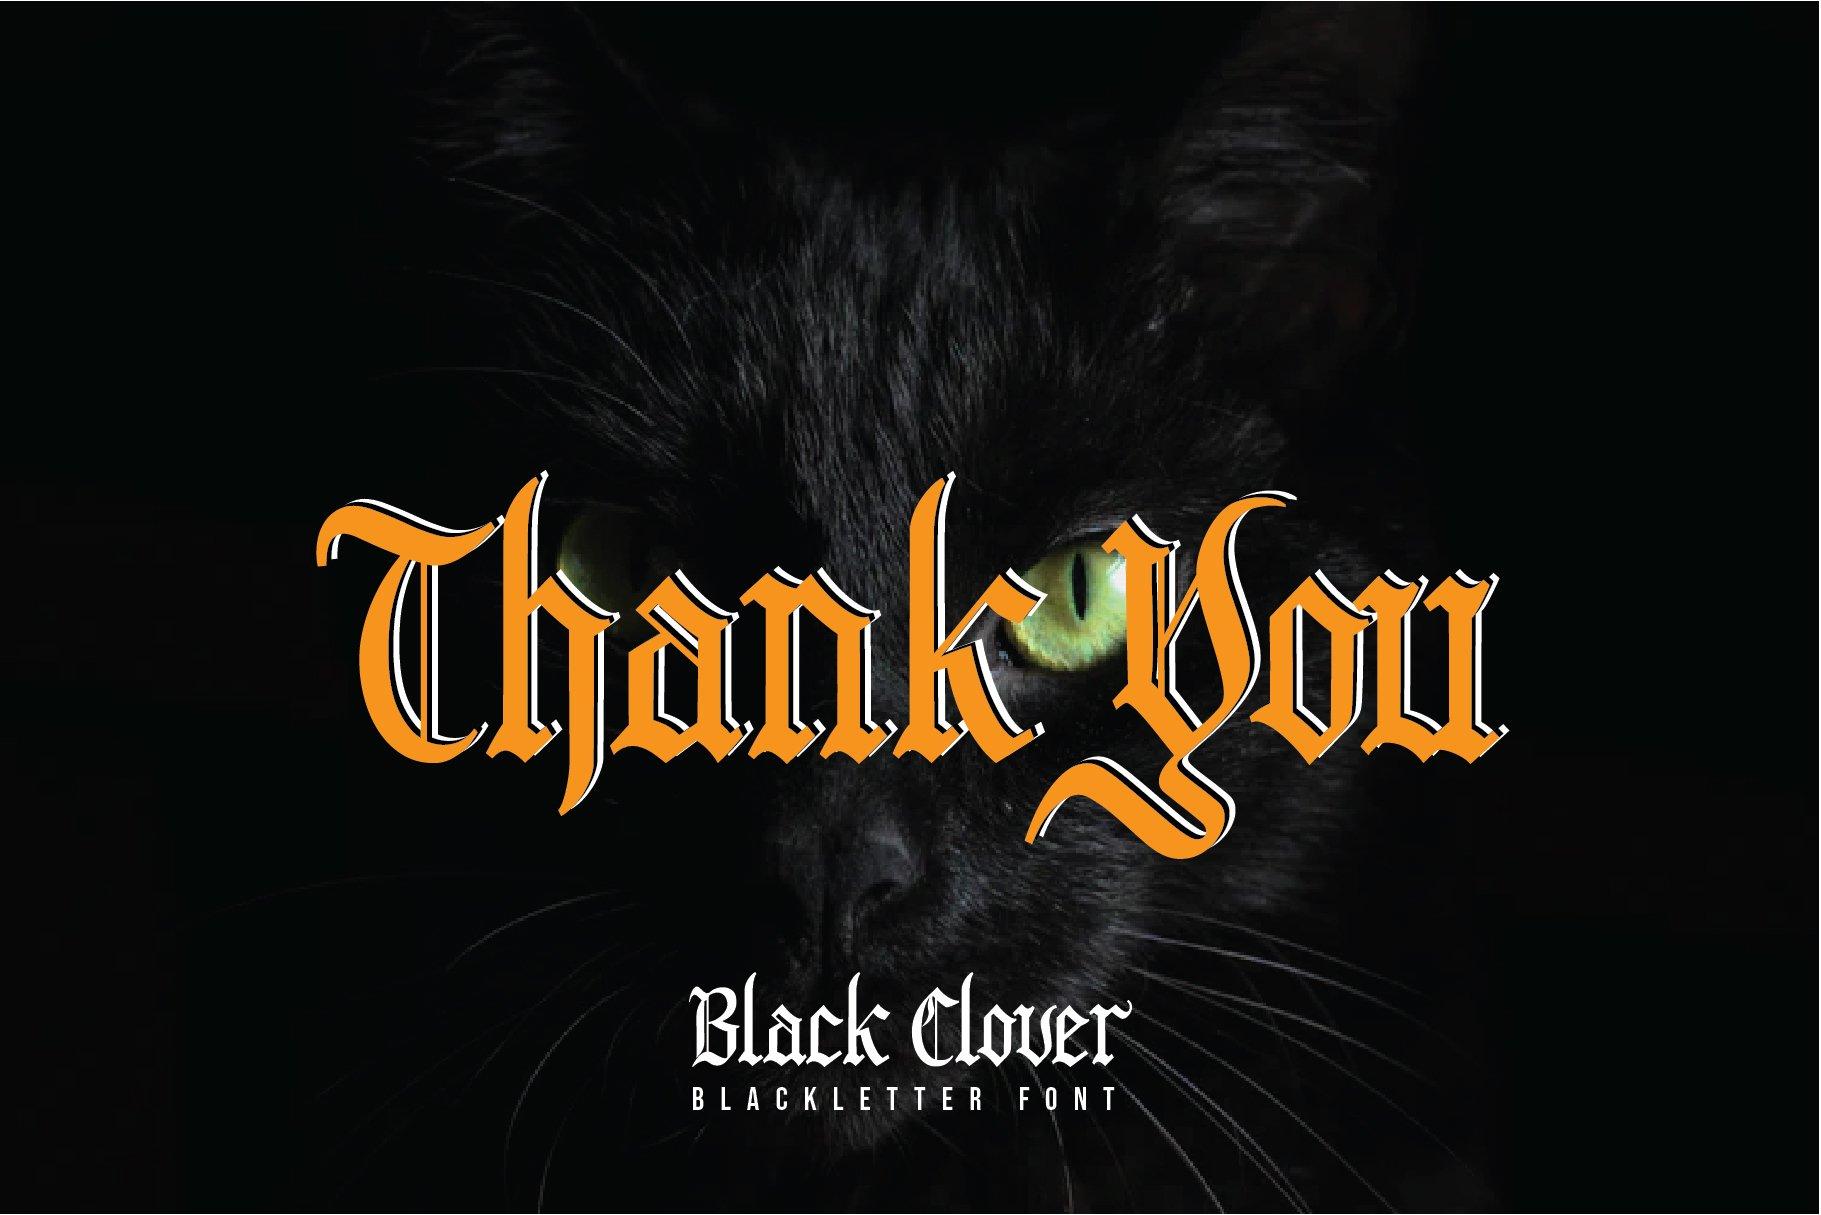 Black Clover | Blackletter Font example image 6